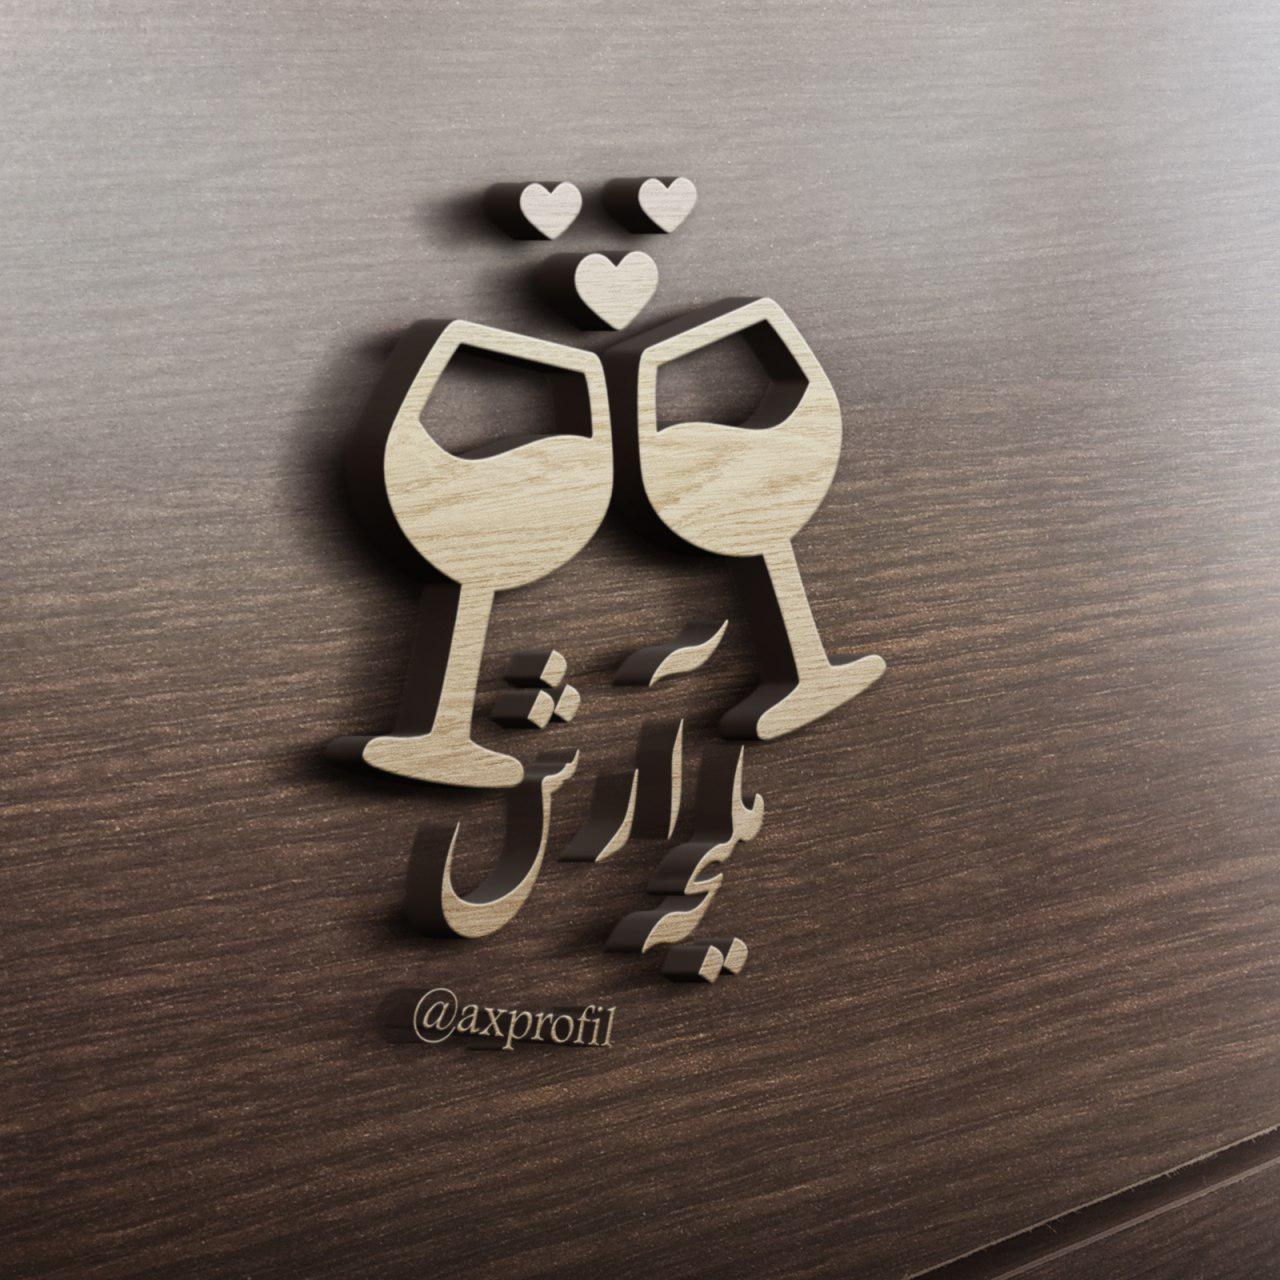 طرح گرافیکی لوگو اسم عاشقانه اسم آرش و ملیحه